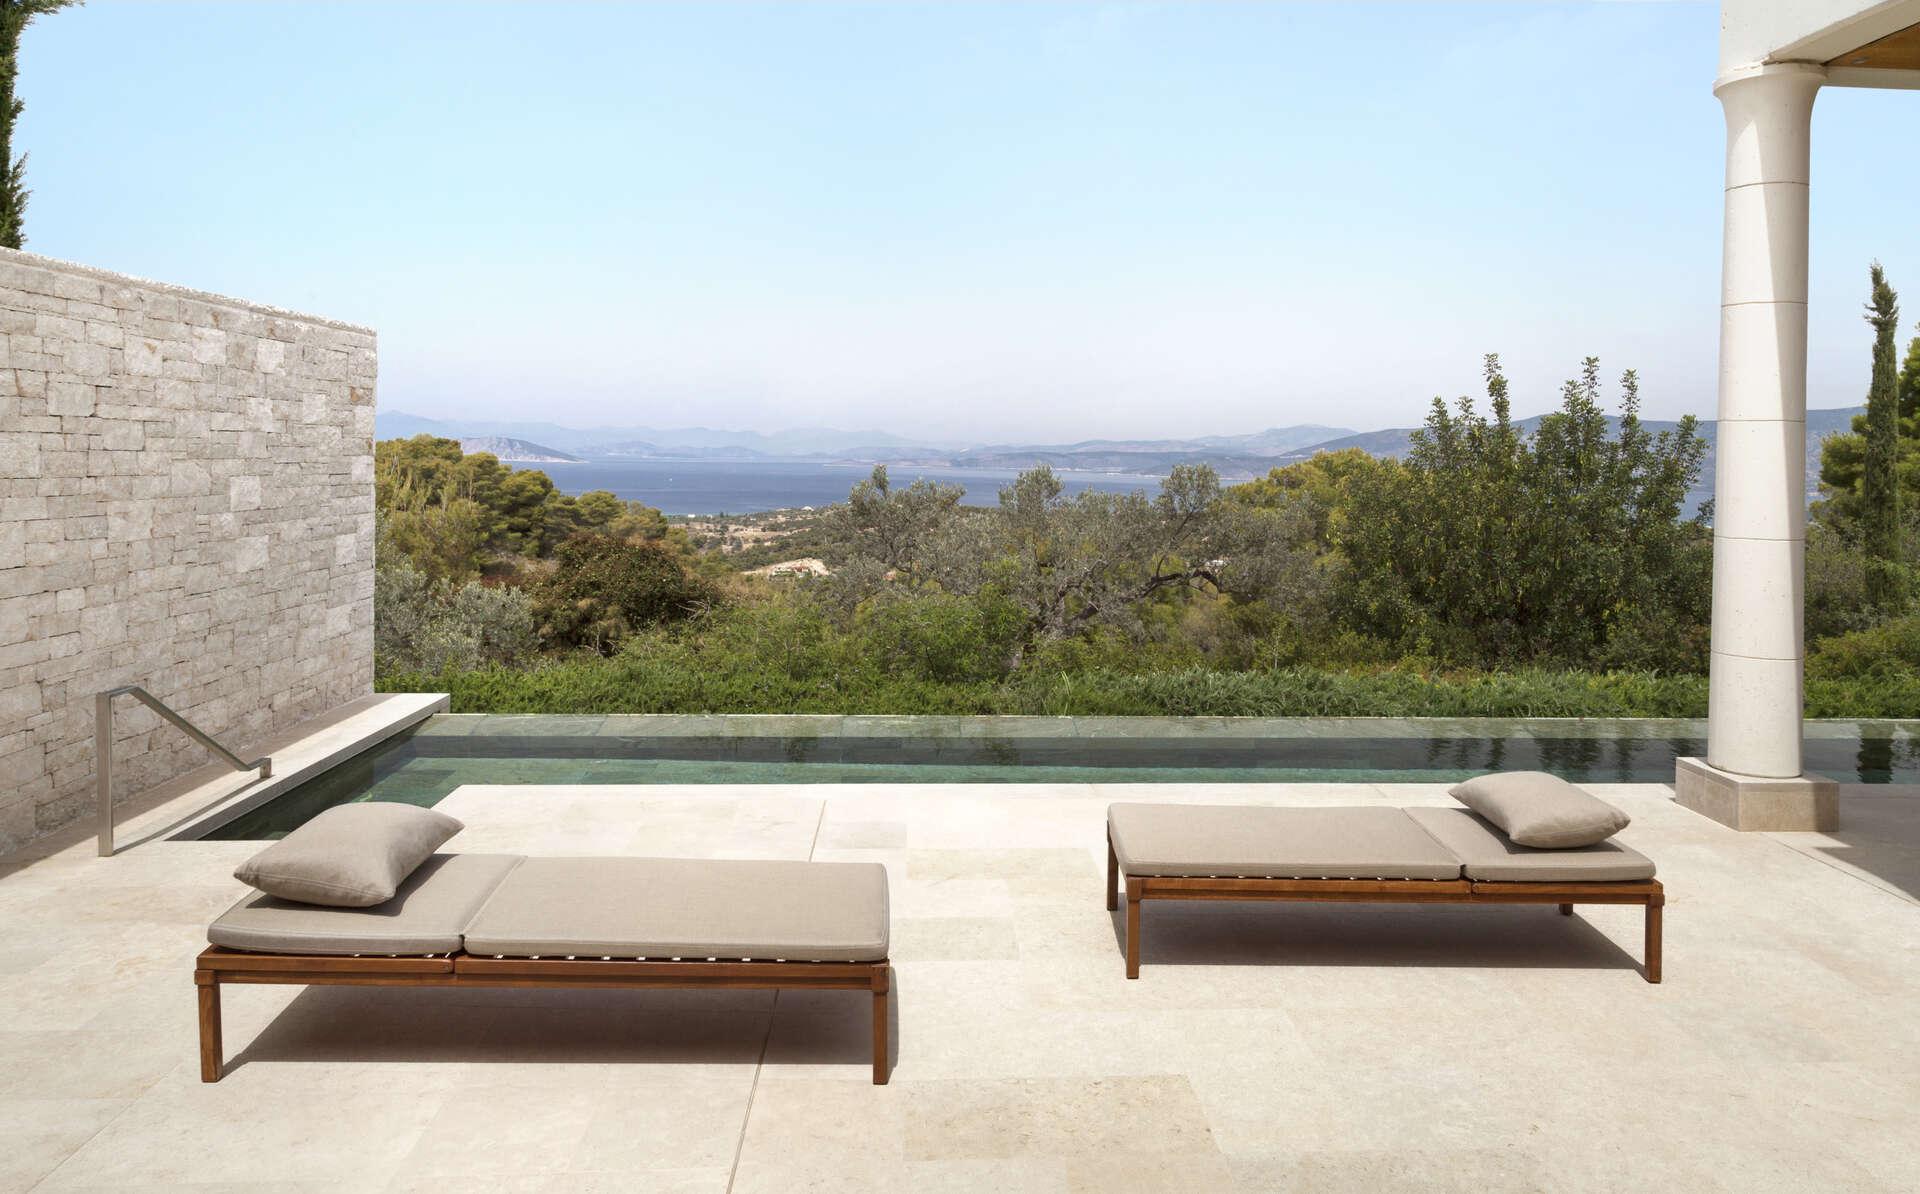 Luxury vacation rentals europe - Greece - Argolis - Amanzoe - Pool Pavilion - Image 1/24